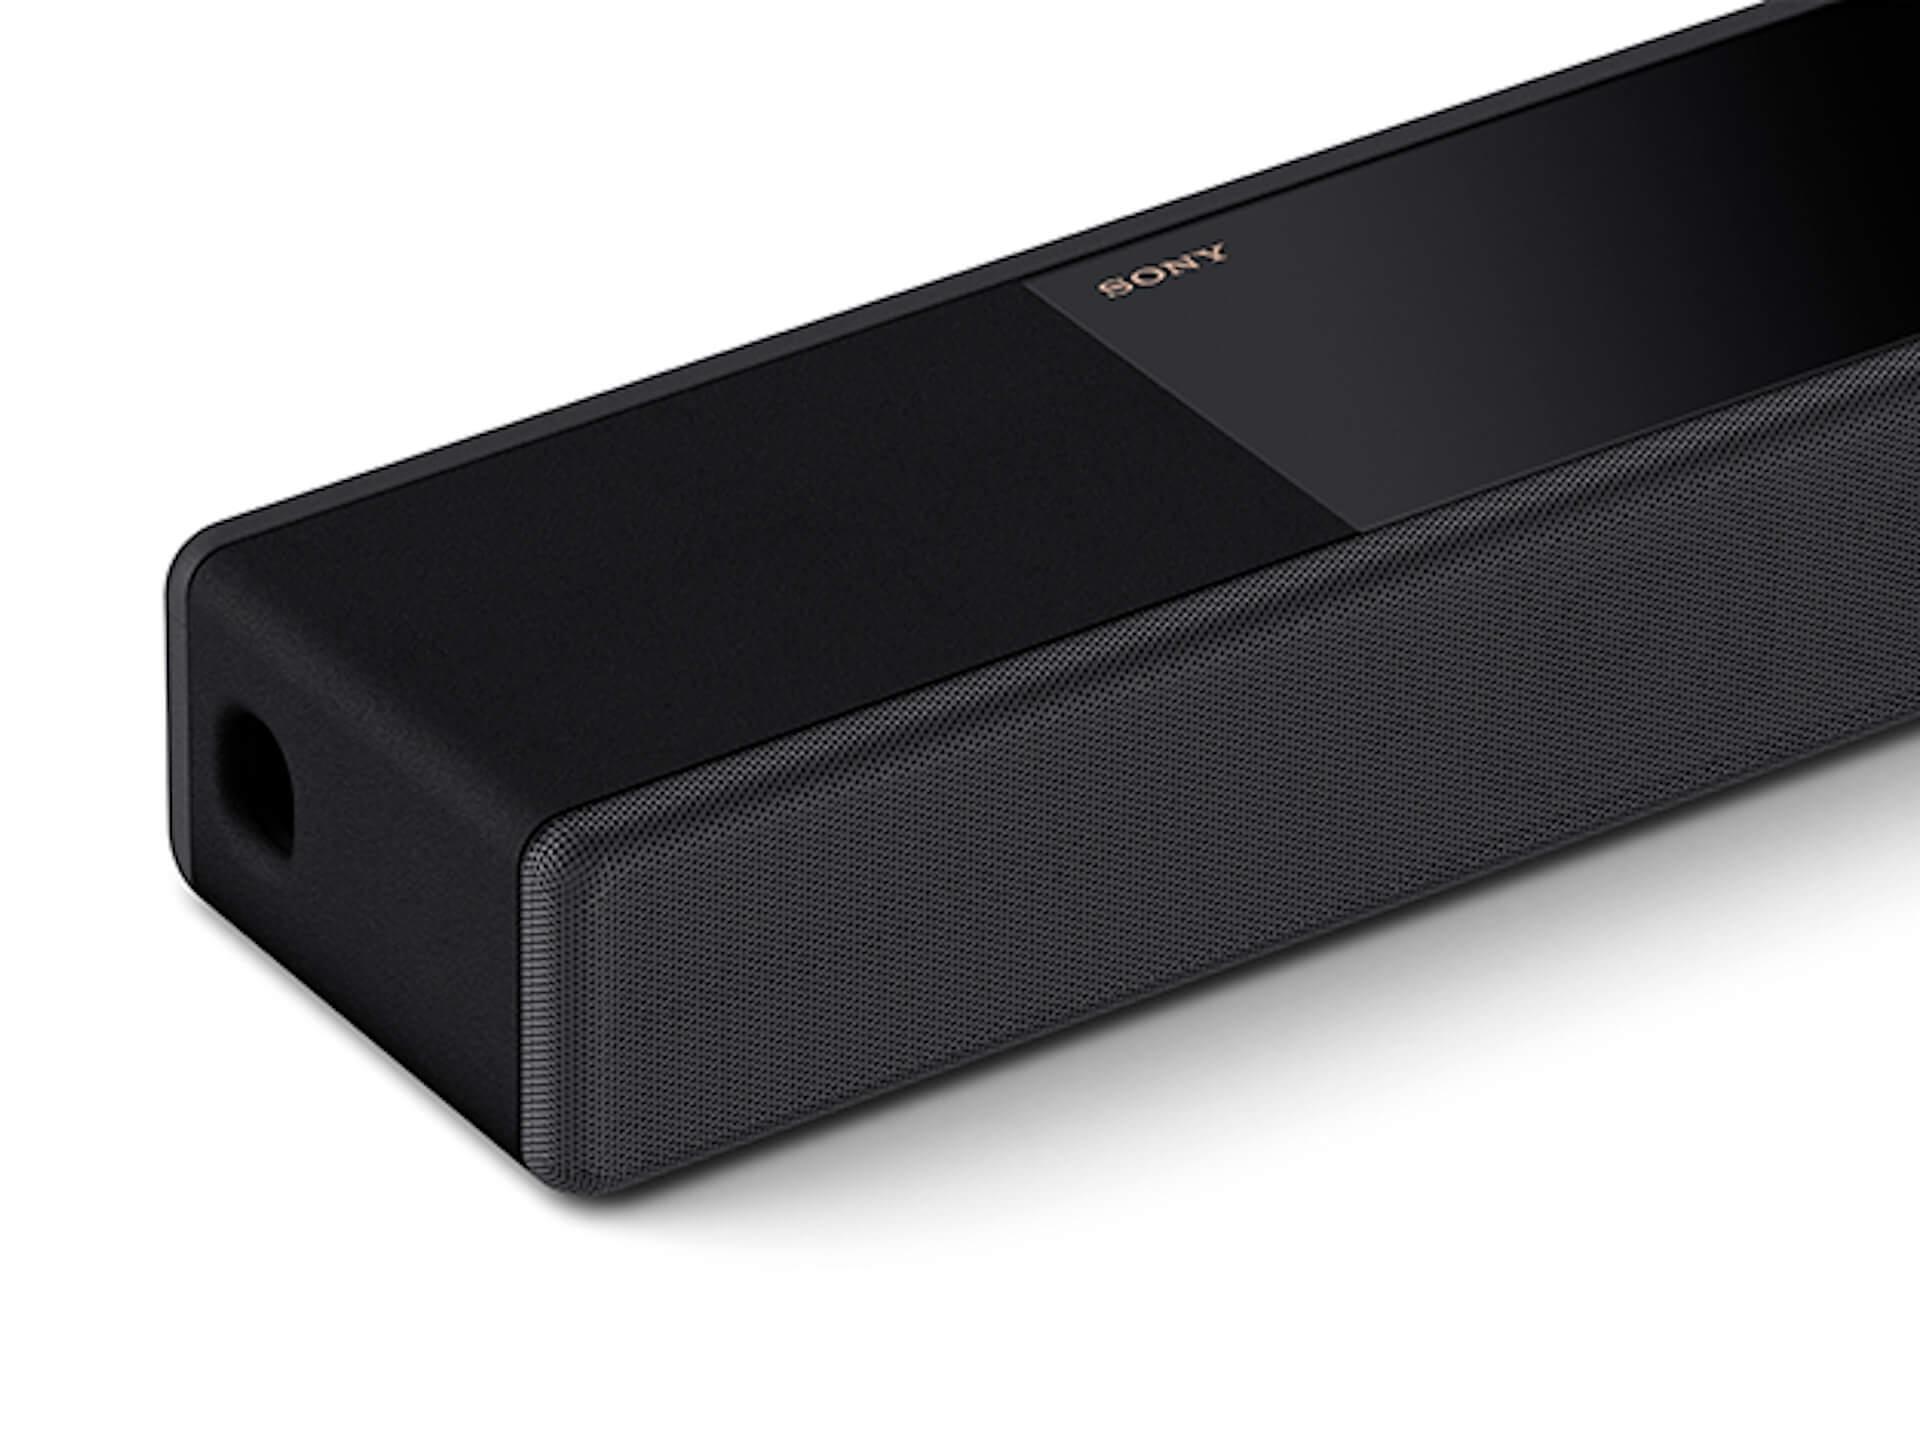 SONYからホームシアターシステム「HT-A9」とサウンドバー最上位機種「HT-A7000」が発売決定! culture_210727_sony4